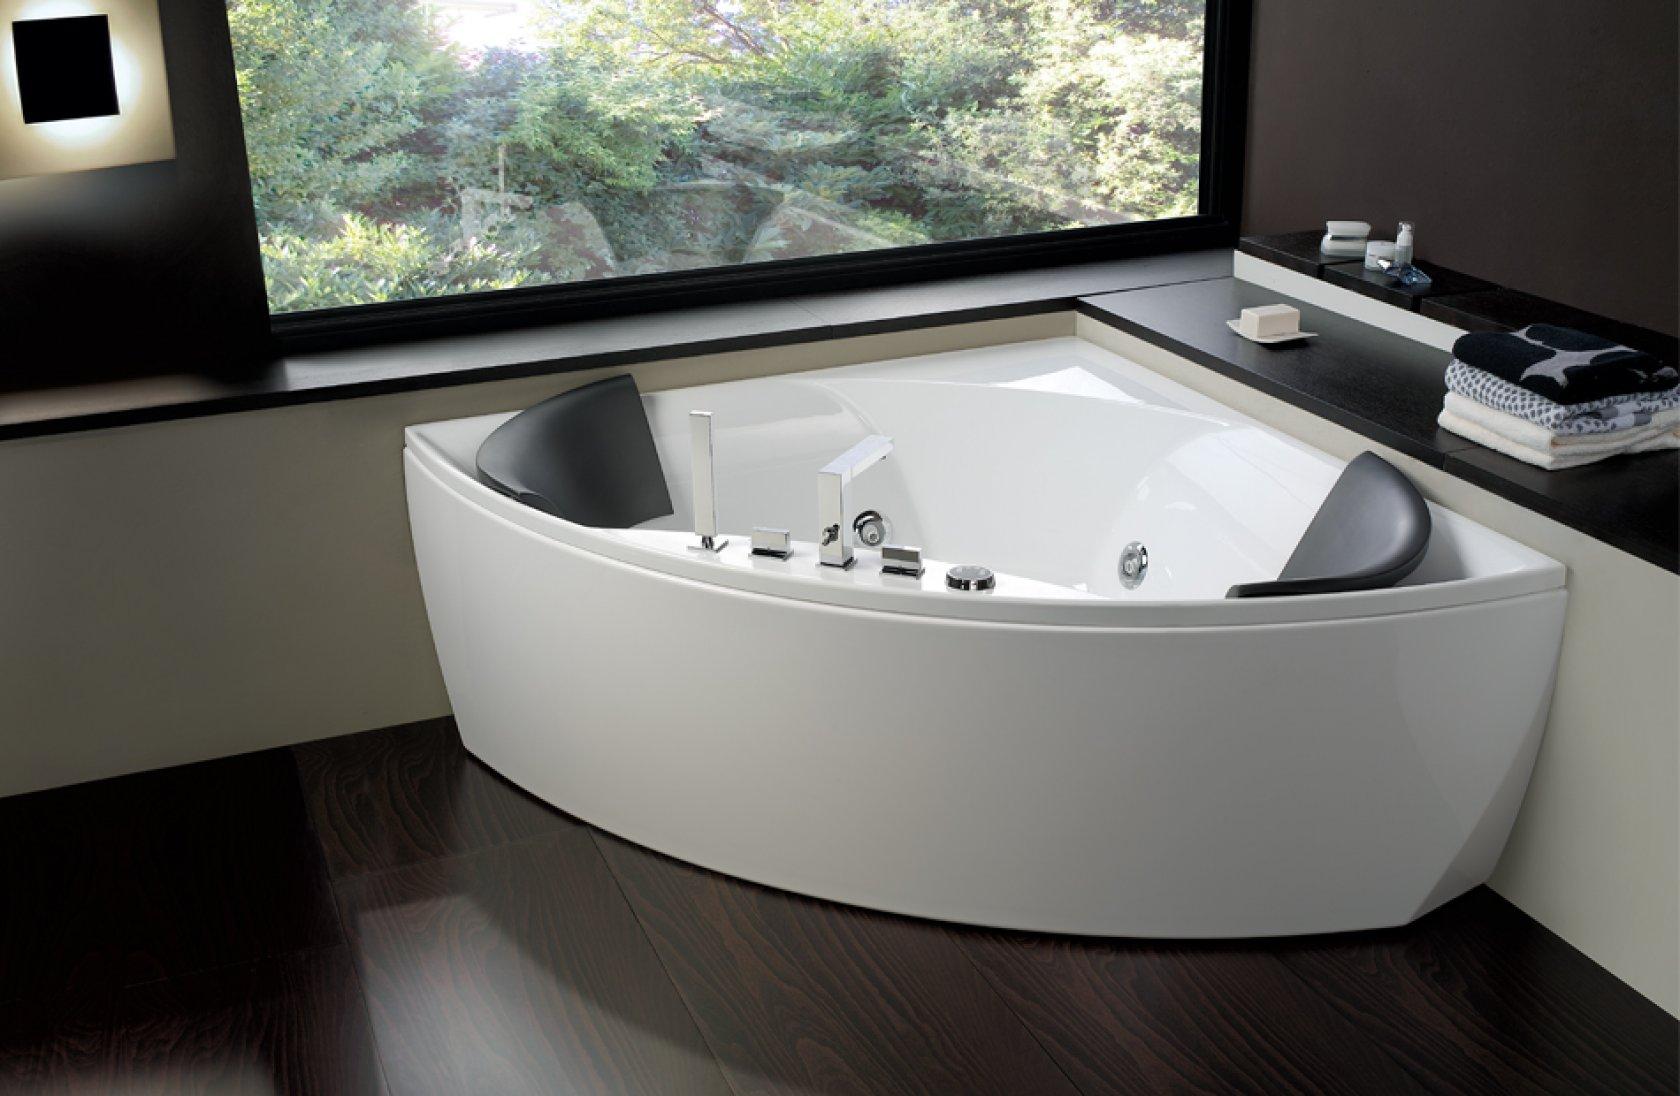 Montaggio Vasca Da Bagno Angolare : Blubleu vasche da bagno vasche da bagno edilceramiche di maccanò